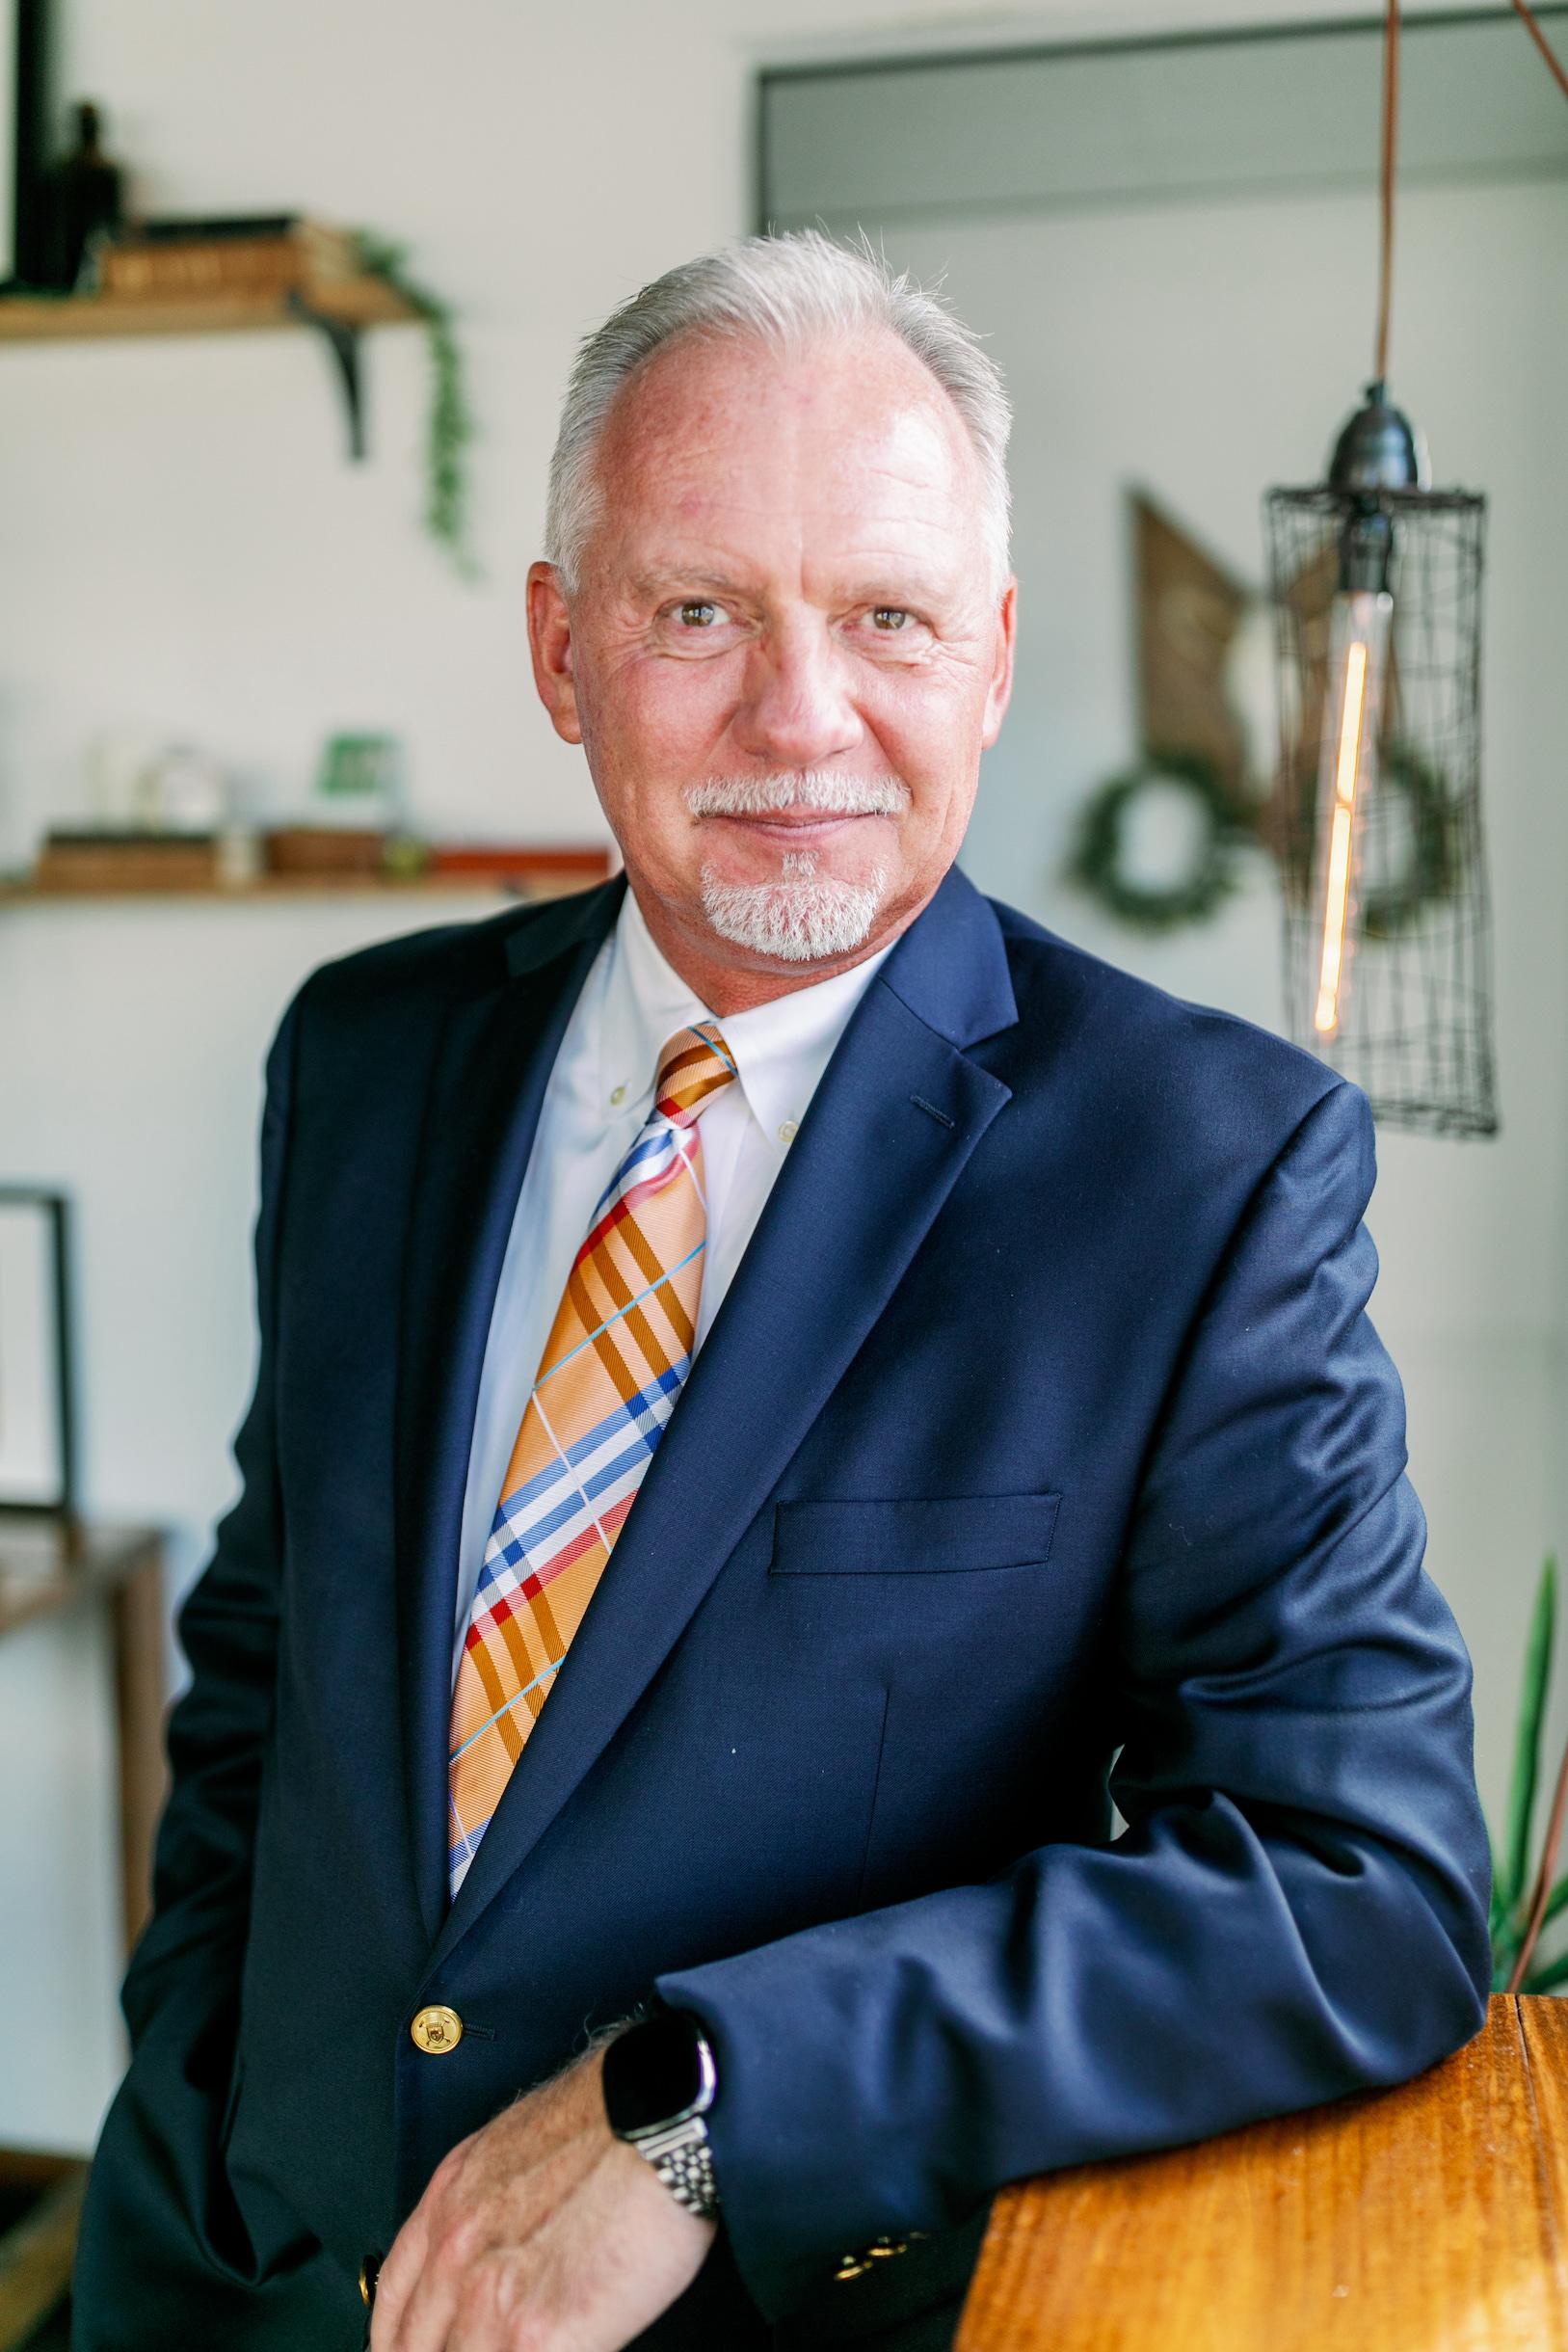 Ken Yagelski